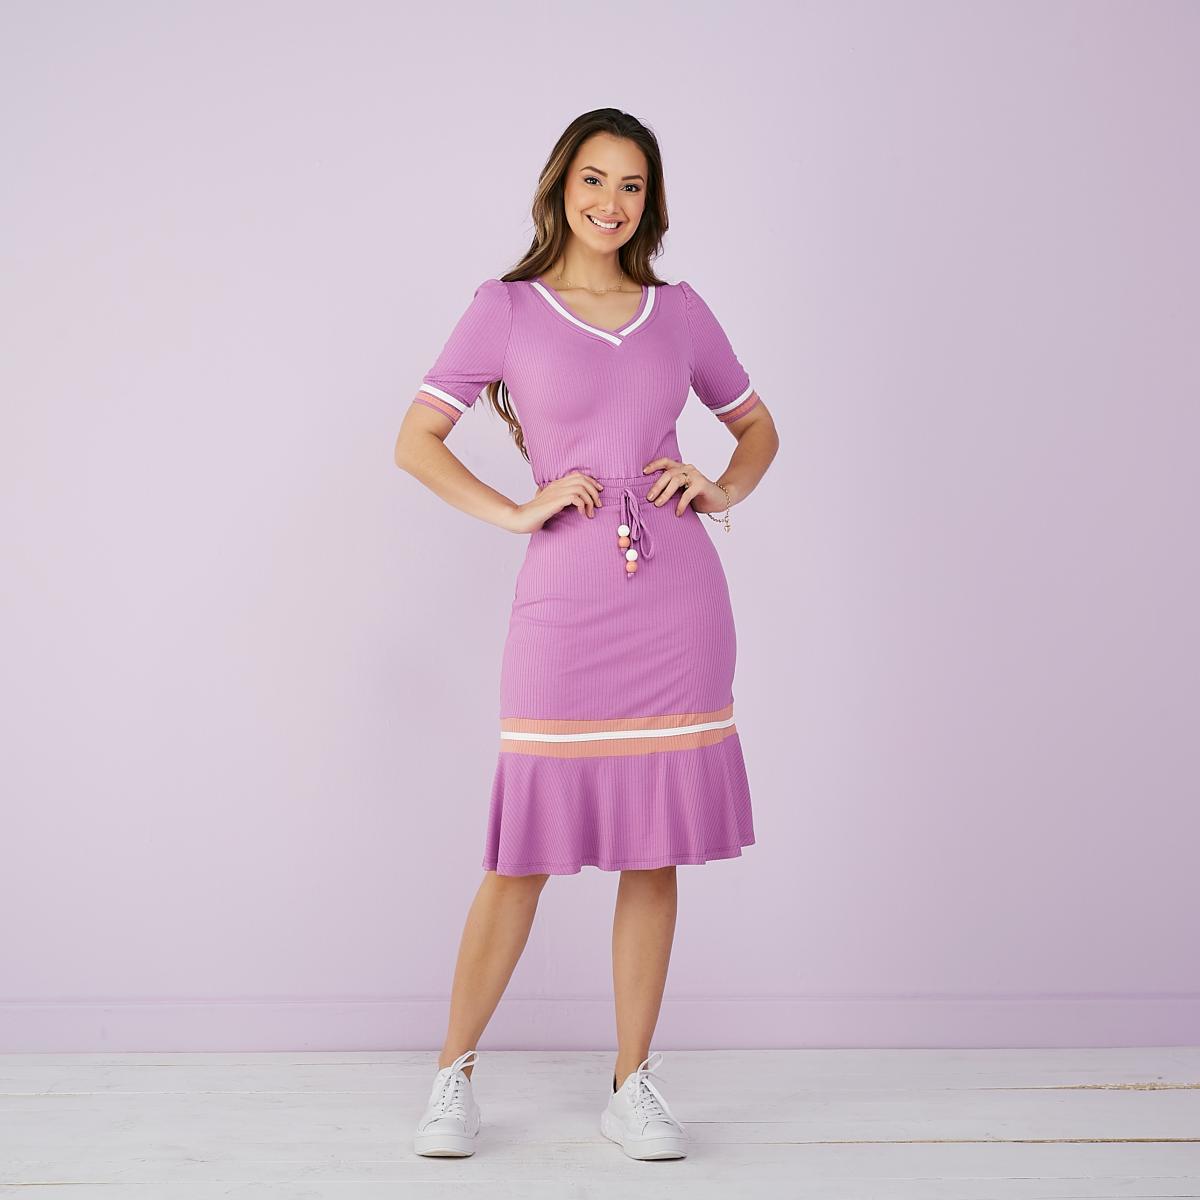 Vestido Flor Lilás,  na Malha Canela, Decote em V, Moda Evangélica - Tatá Martello